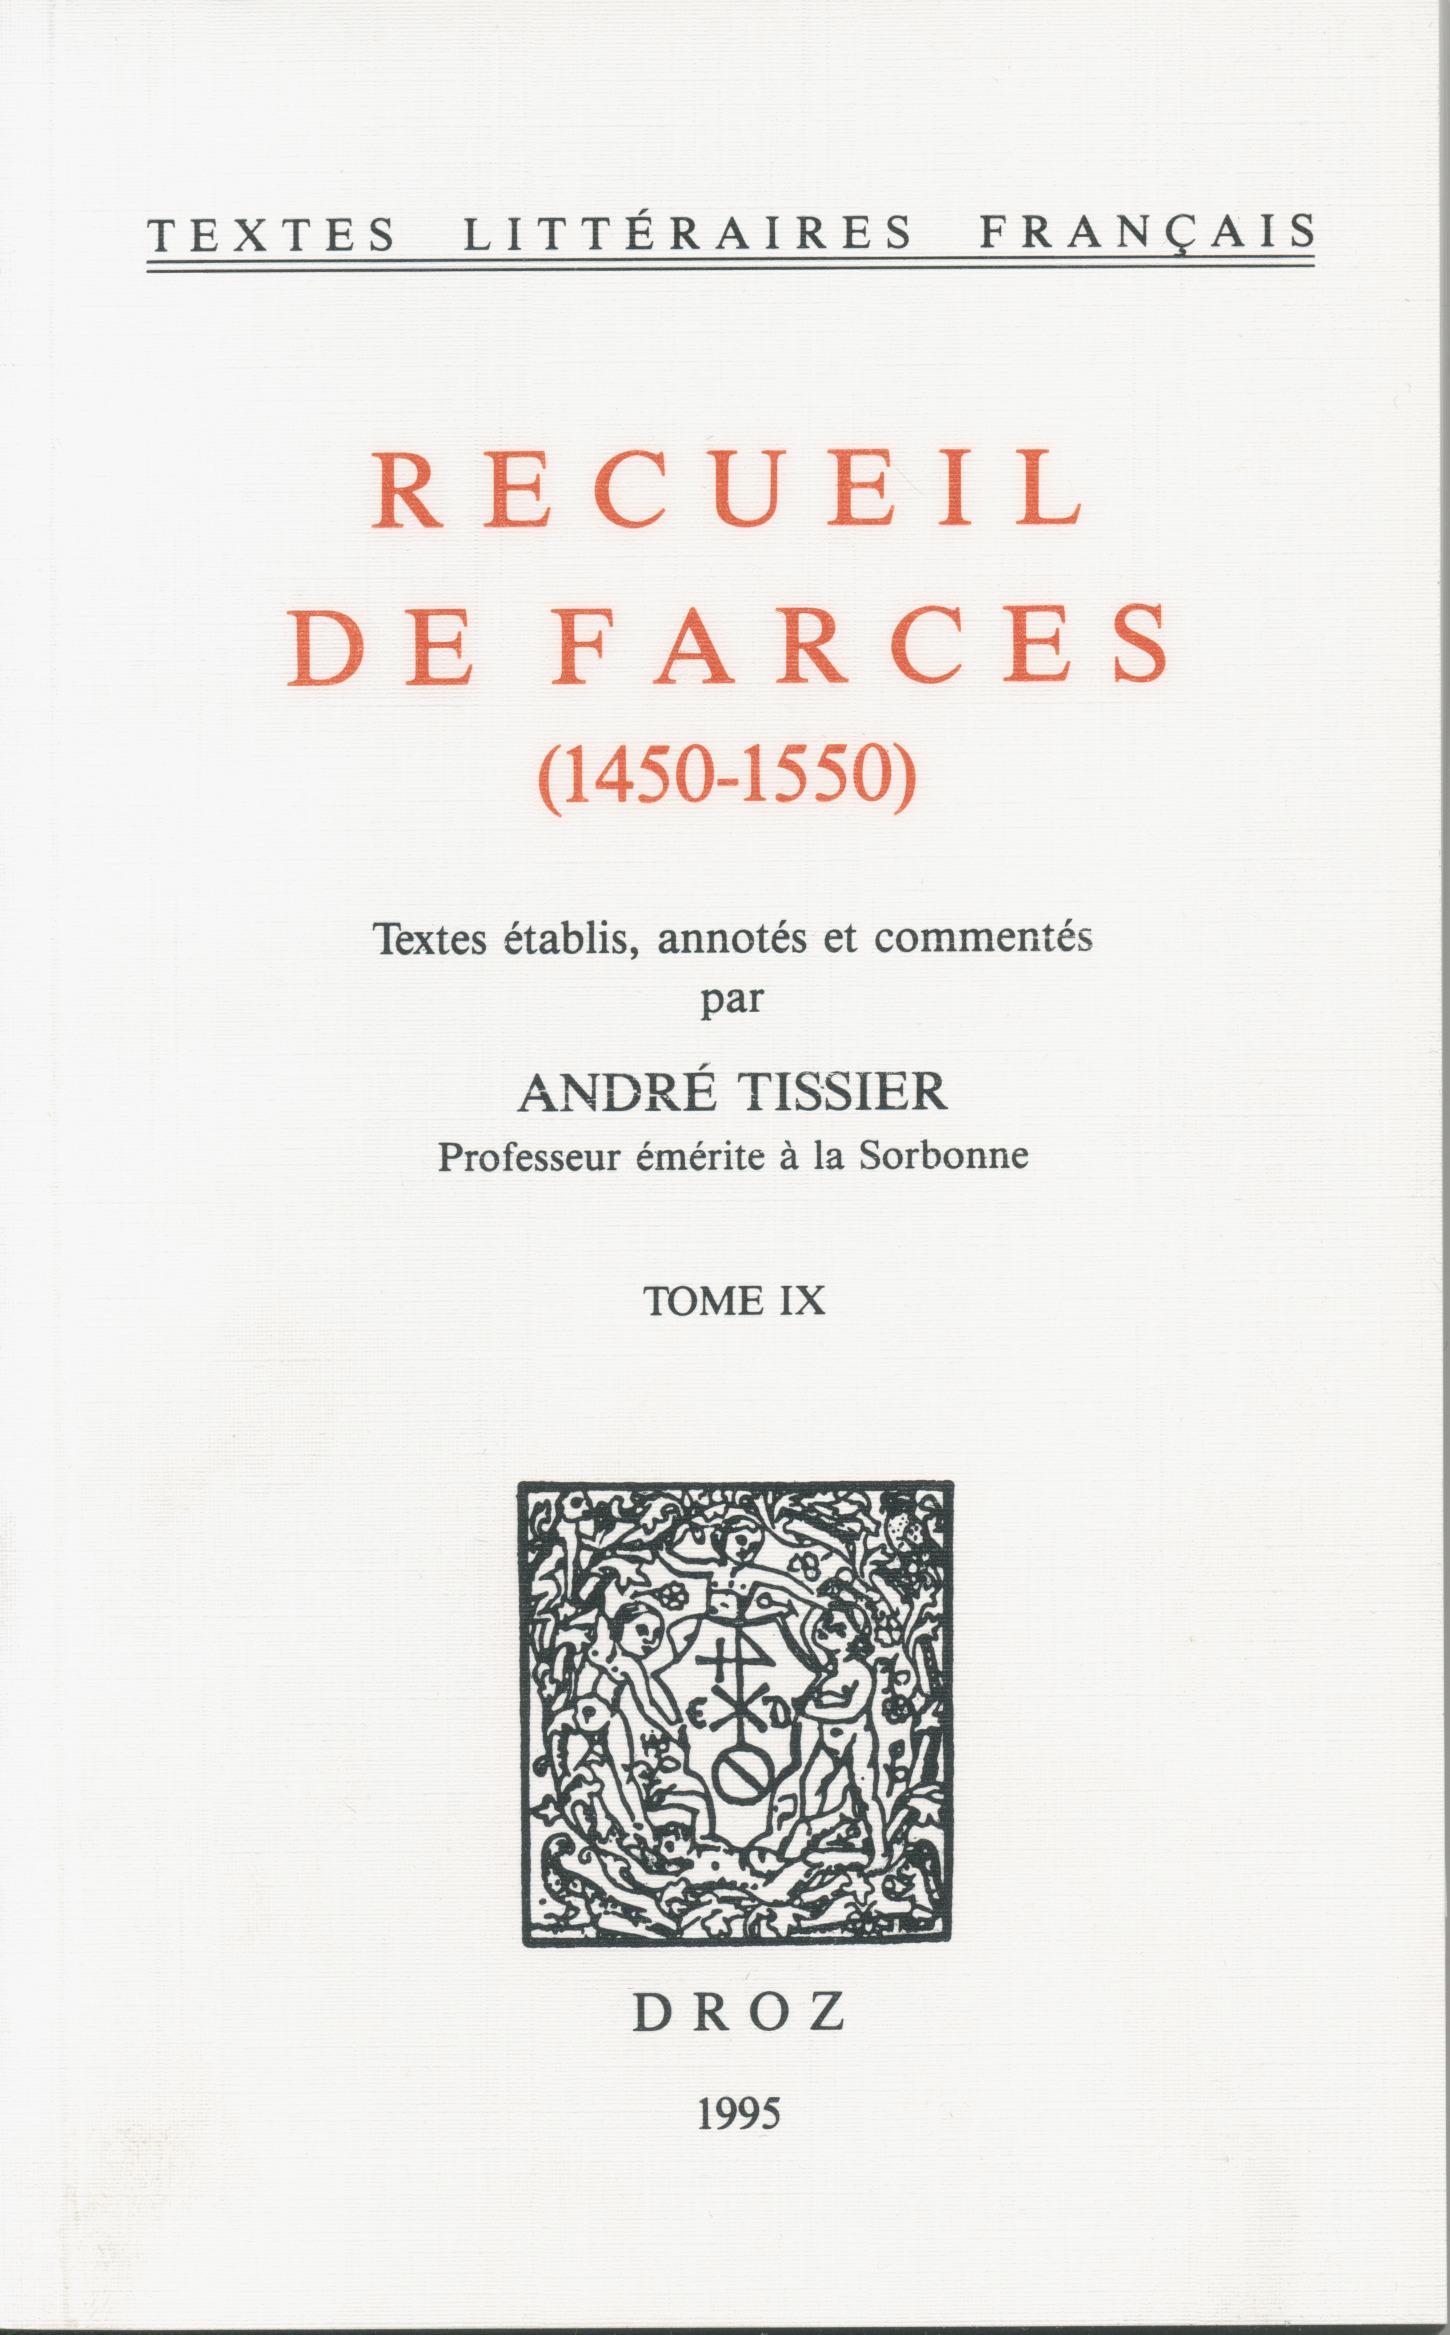 Recueil de farces (1450-1550)  - André Tissier